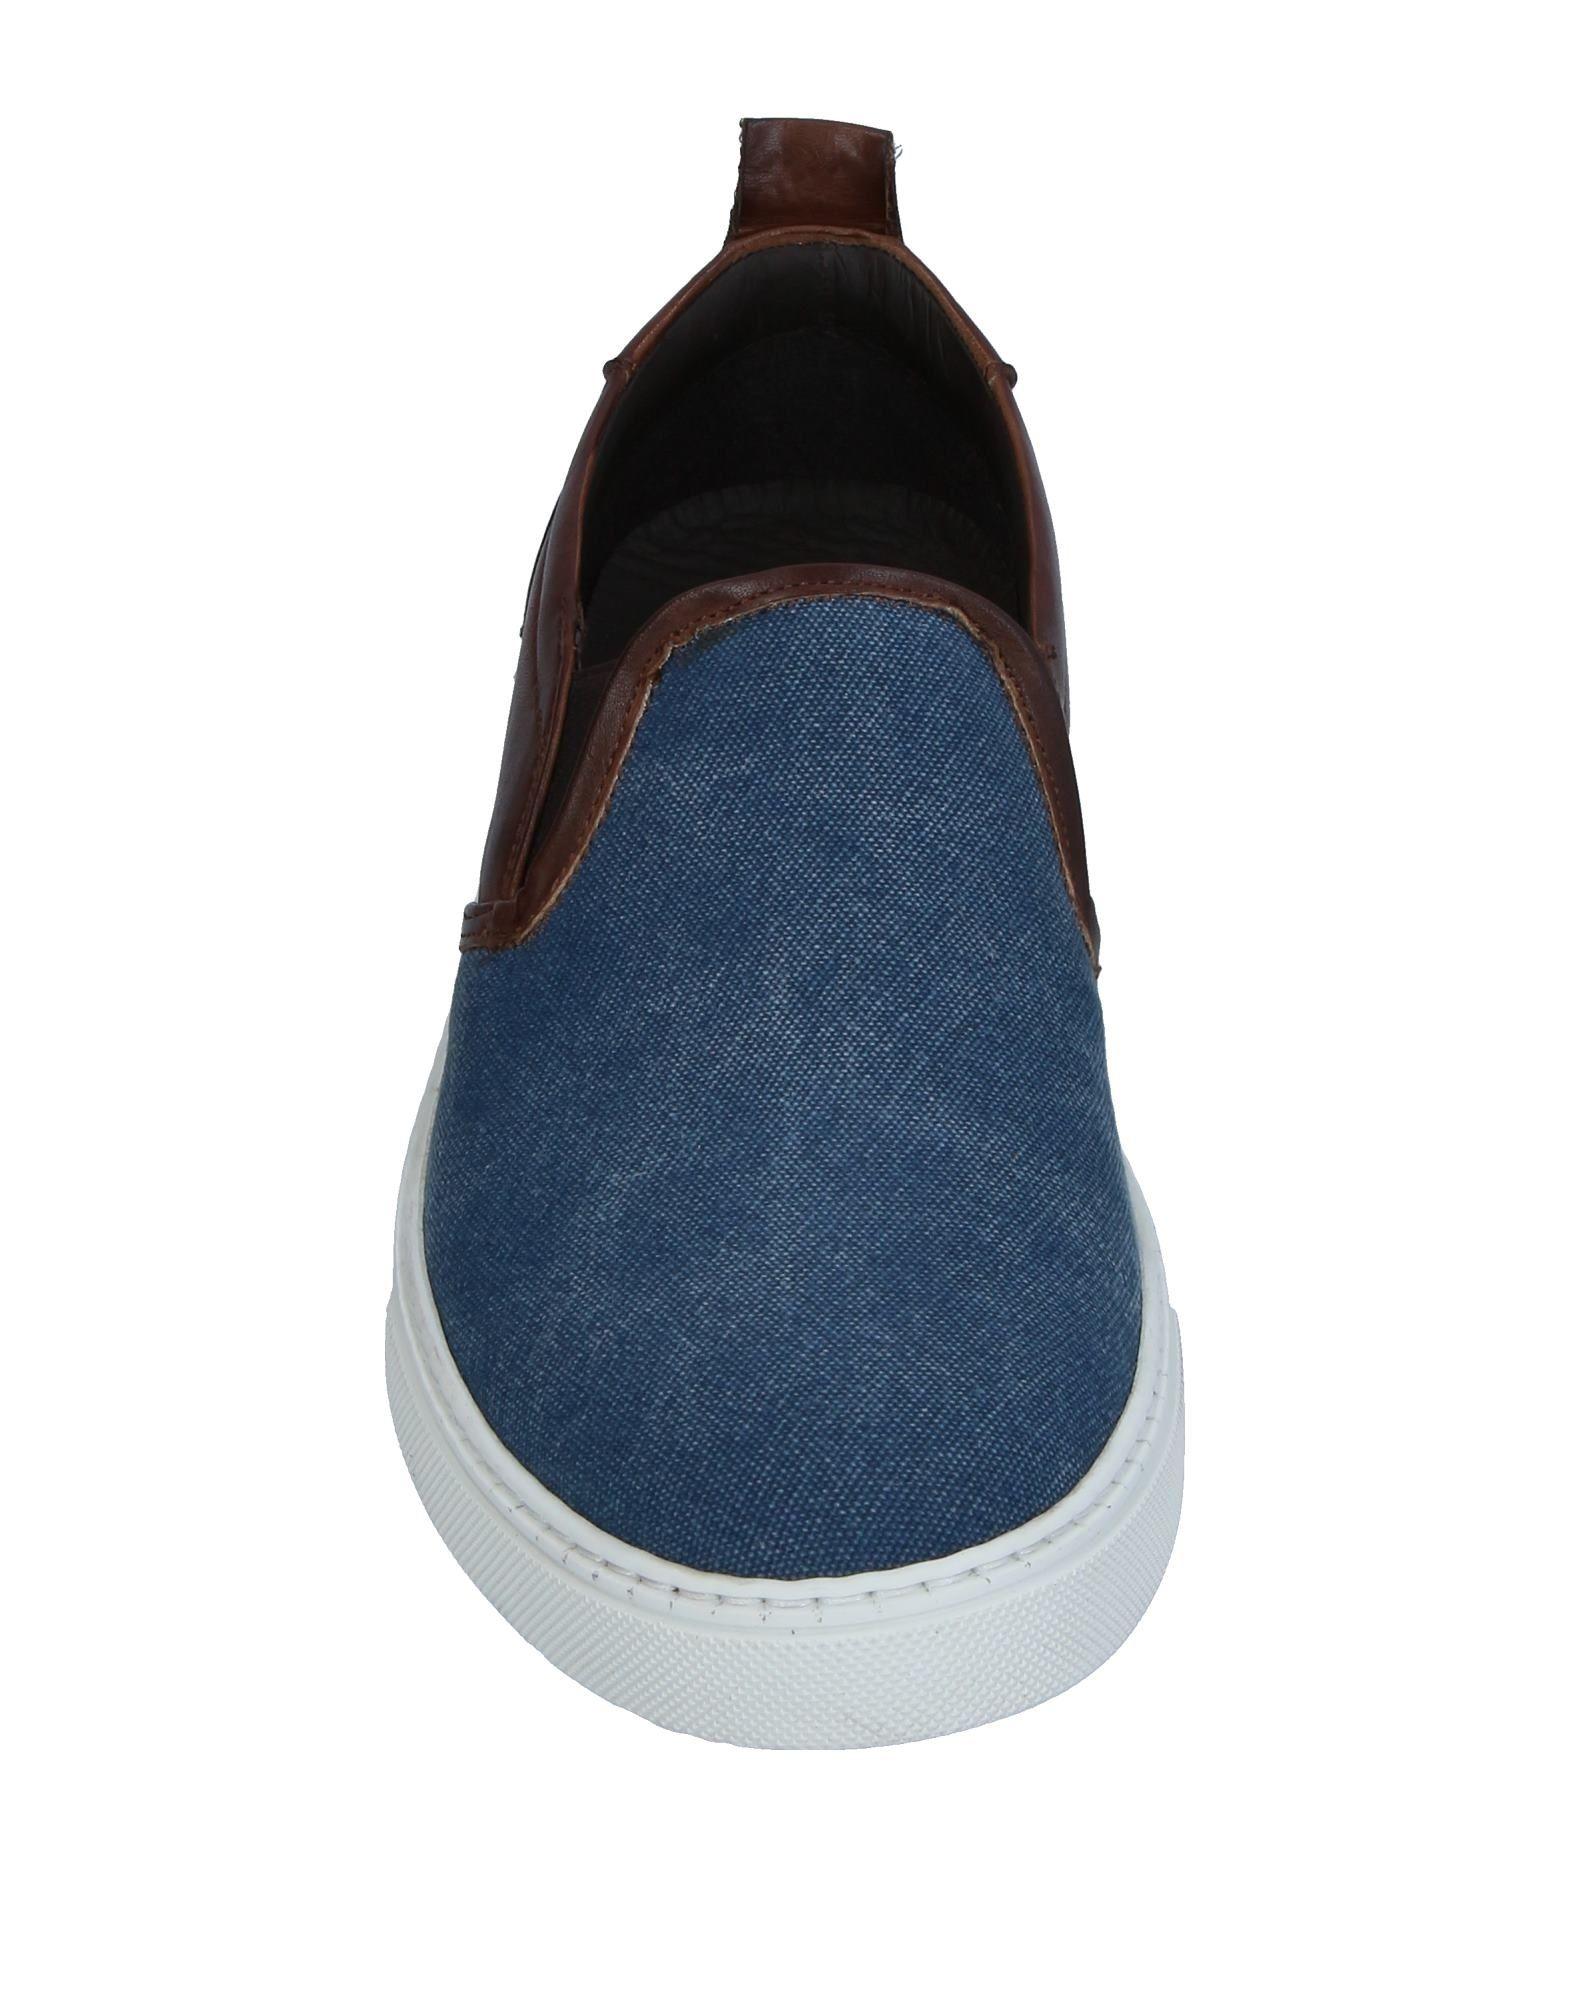 Belsire Sneakers Herren Heiße  11338633VM Heiße Herren Schuhe 43761c